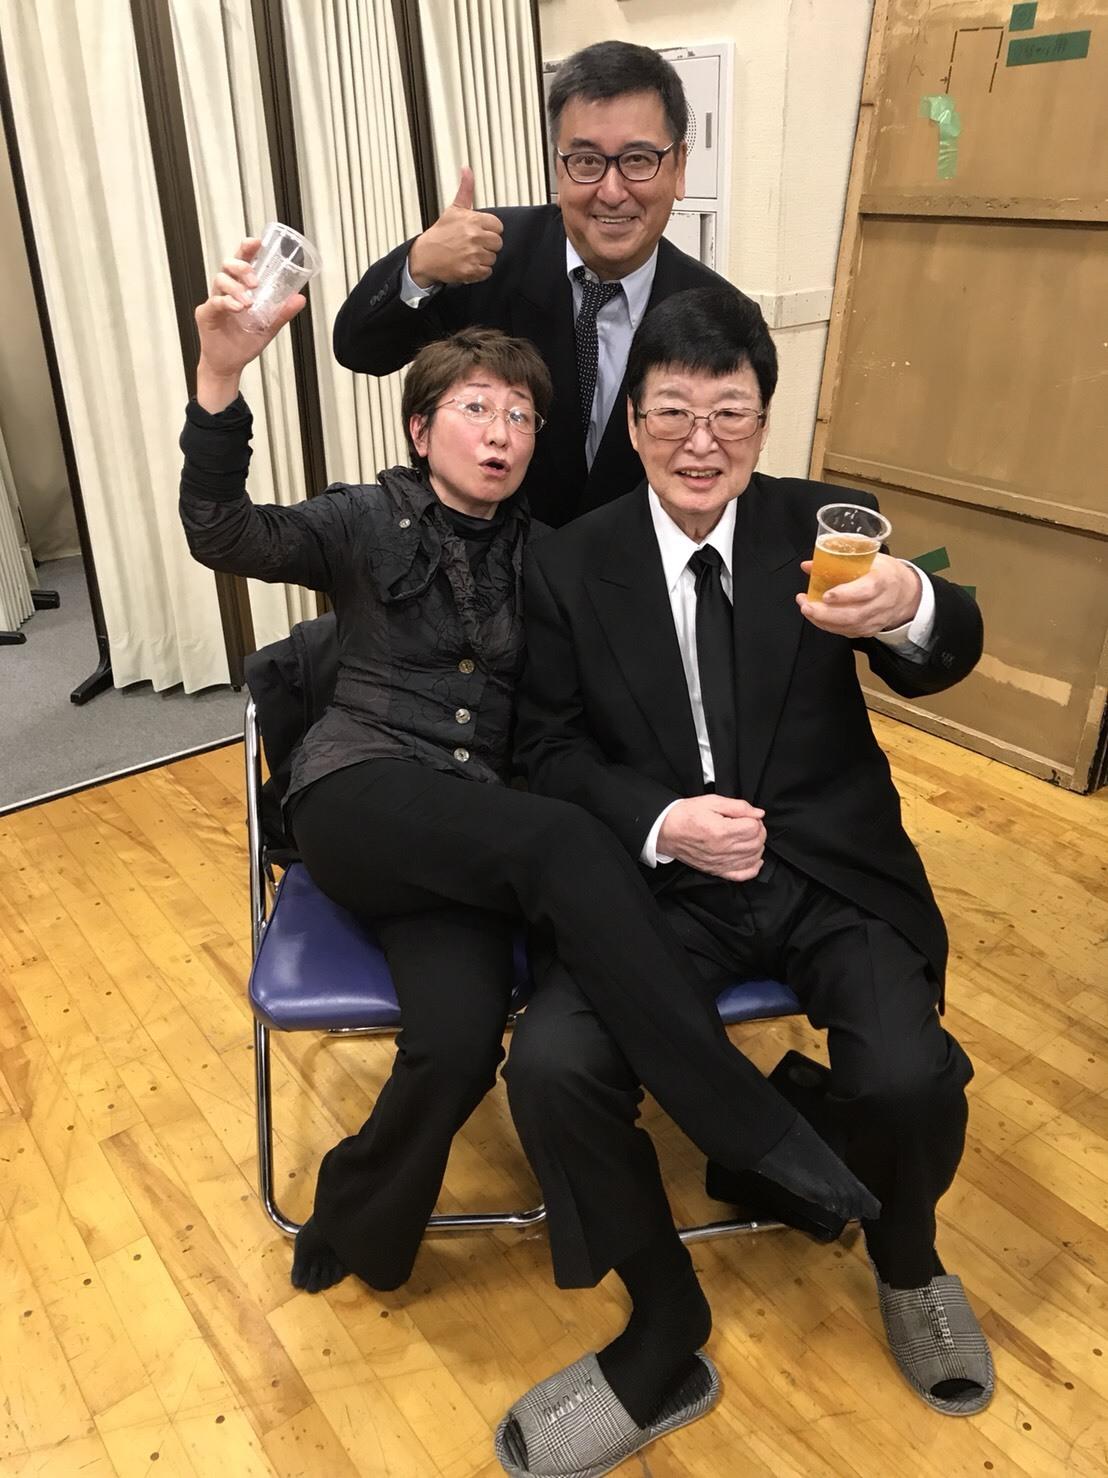 テアトル・エコーの大先輩のお別れ会_a0163623_22304854.jpg